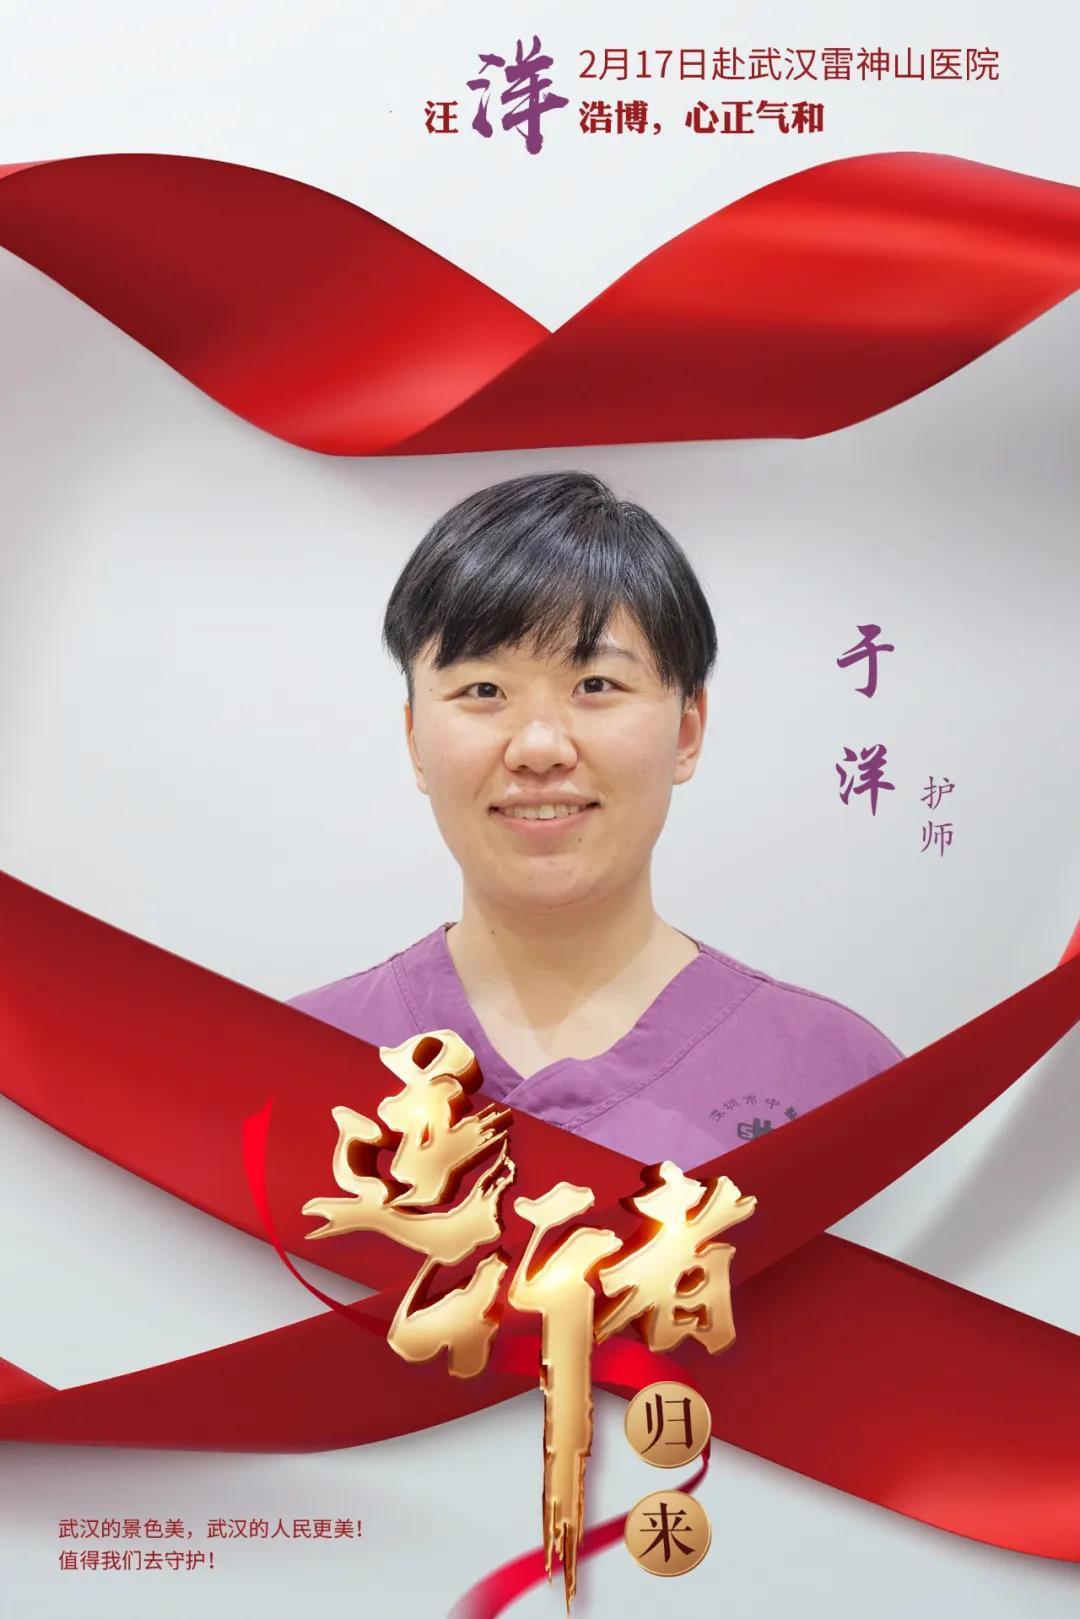 深圳中医医疗队返深 你们辛苦了 @于洋老公 烤鱼准备好了吗?